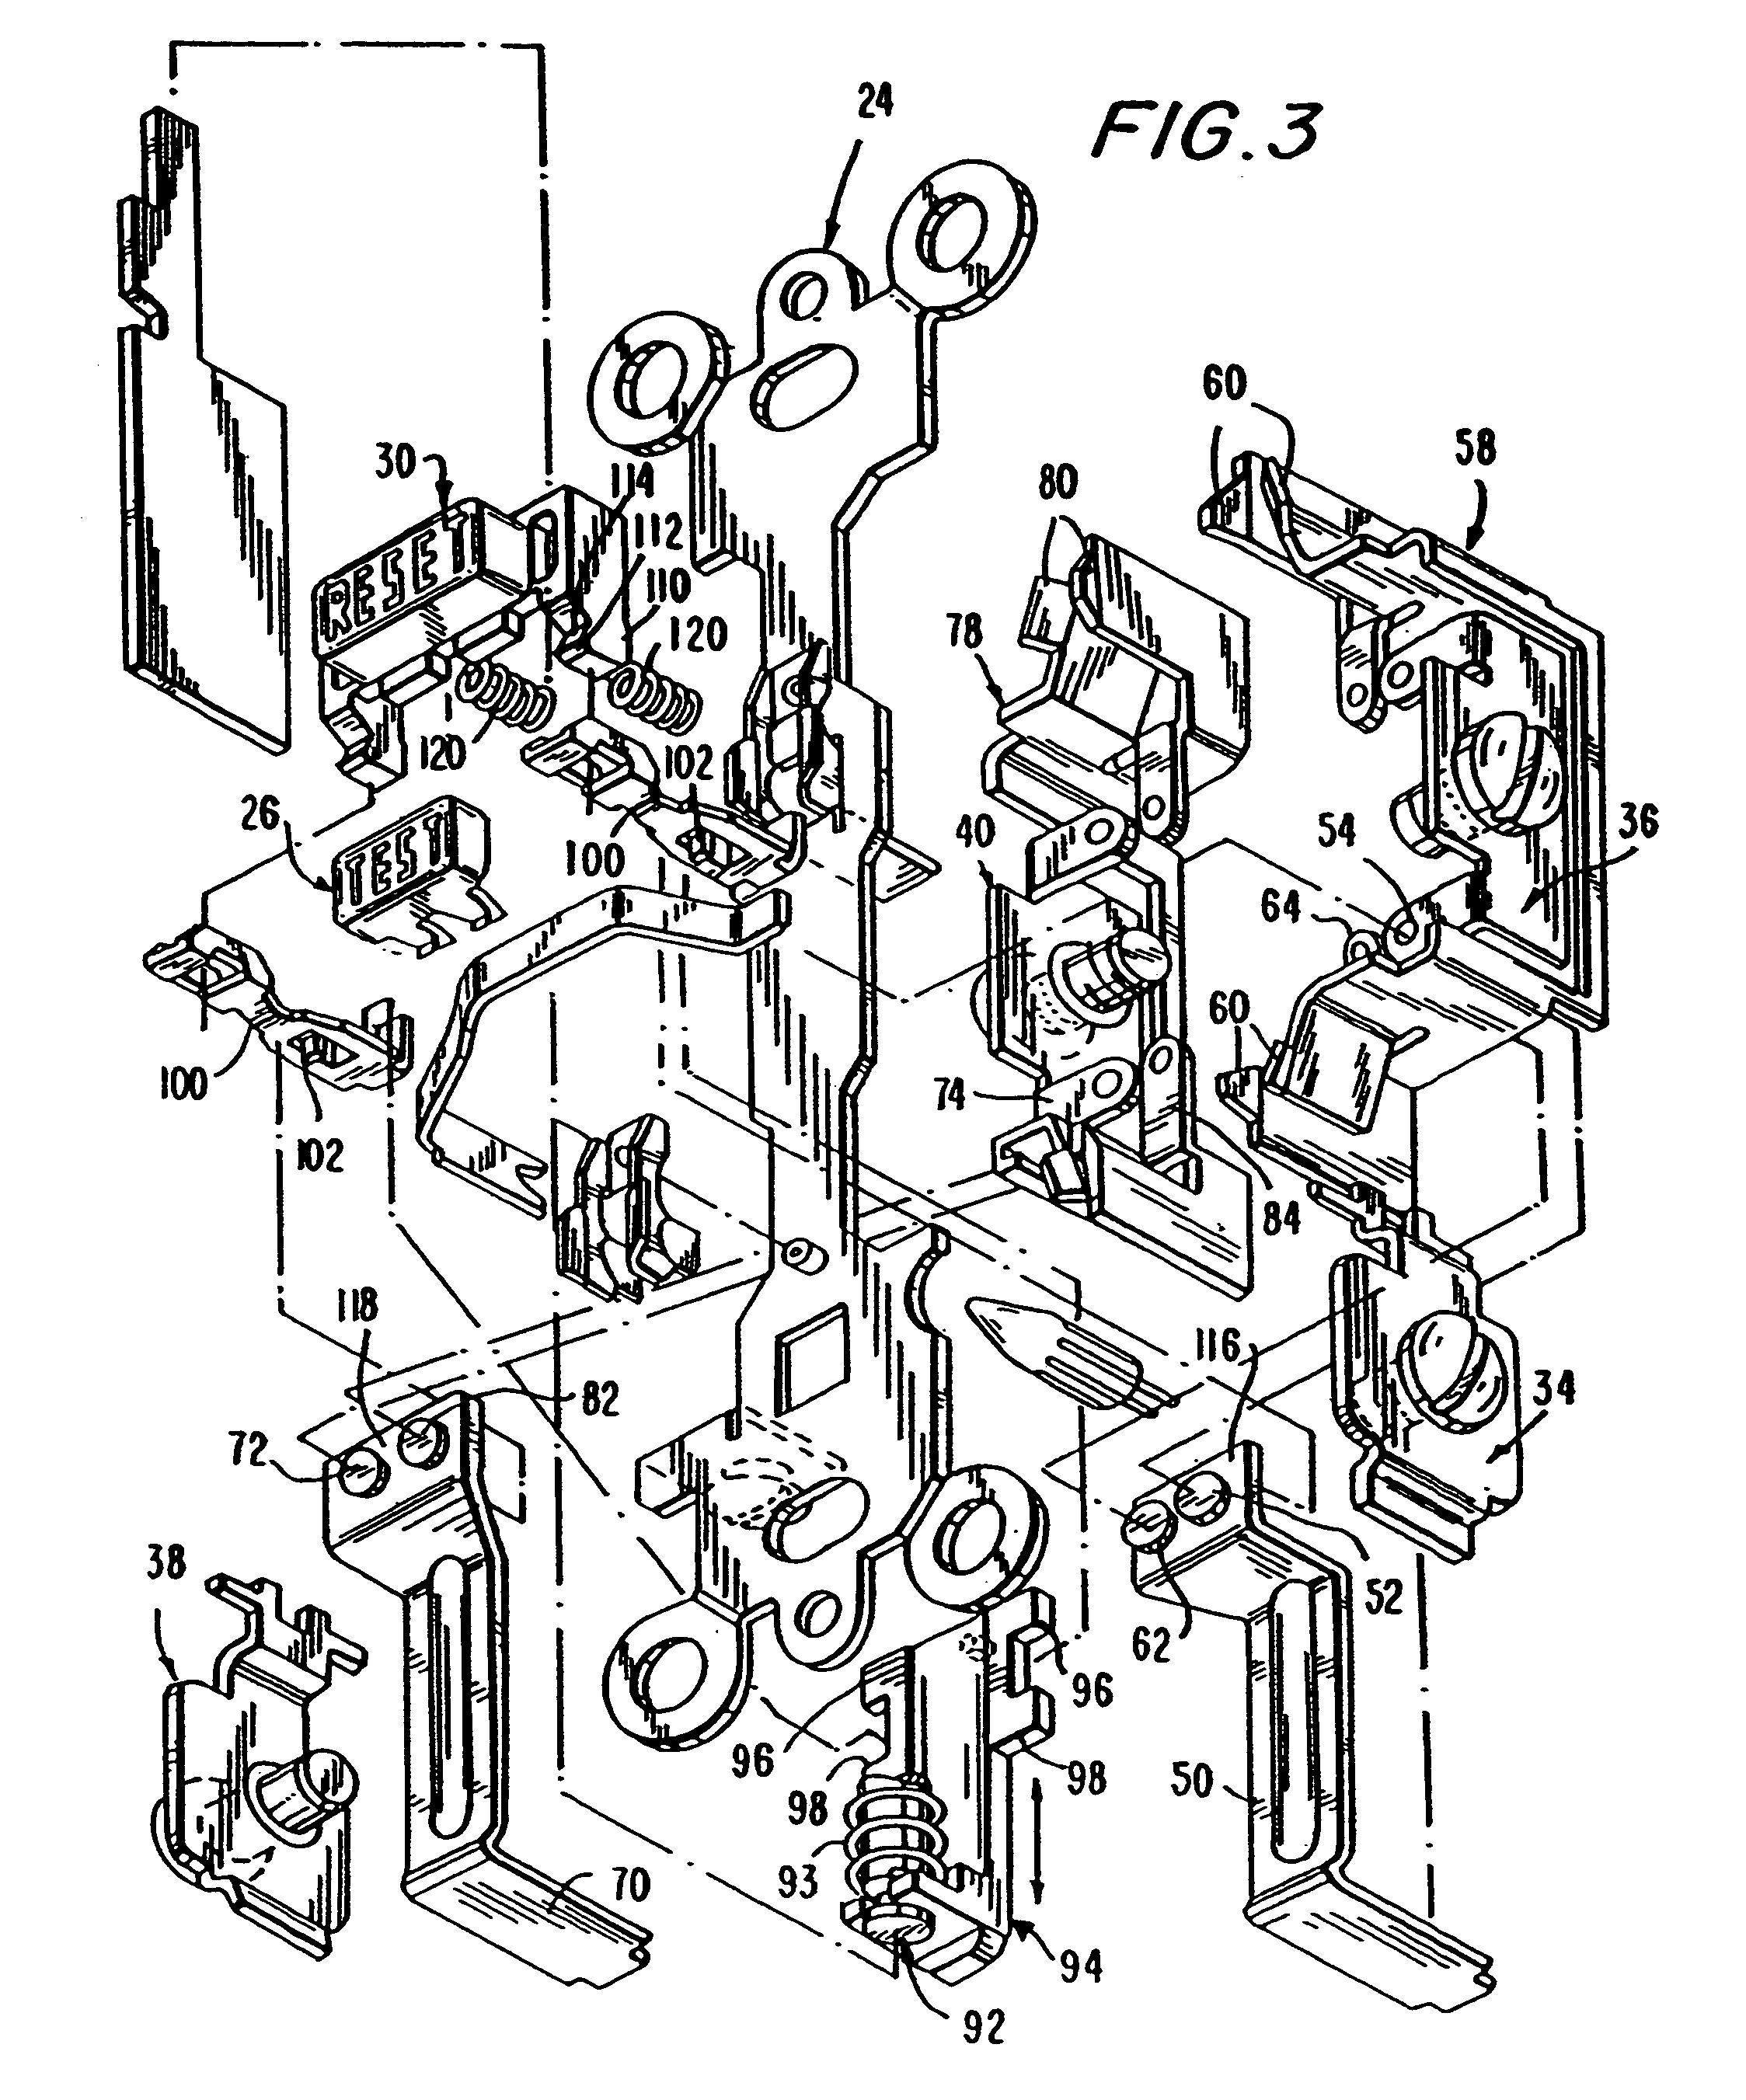 nema l15 30r wiring schematic 125v 3 wire plug schematic